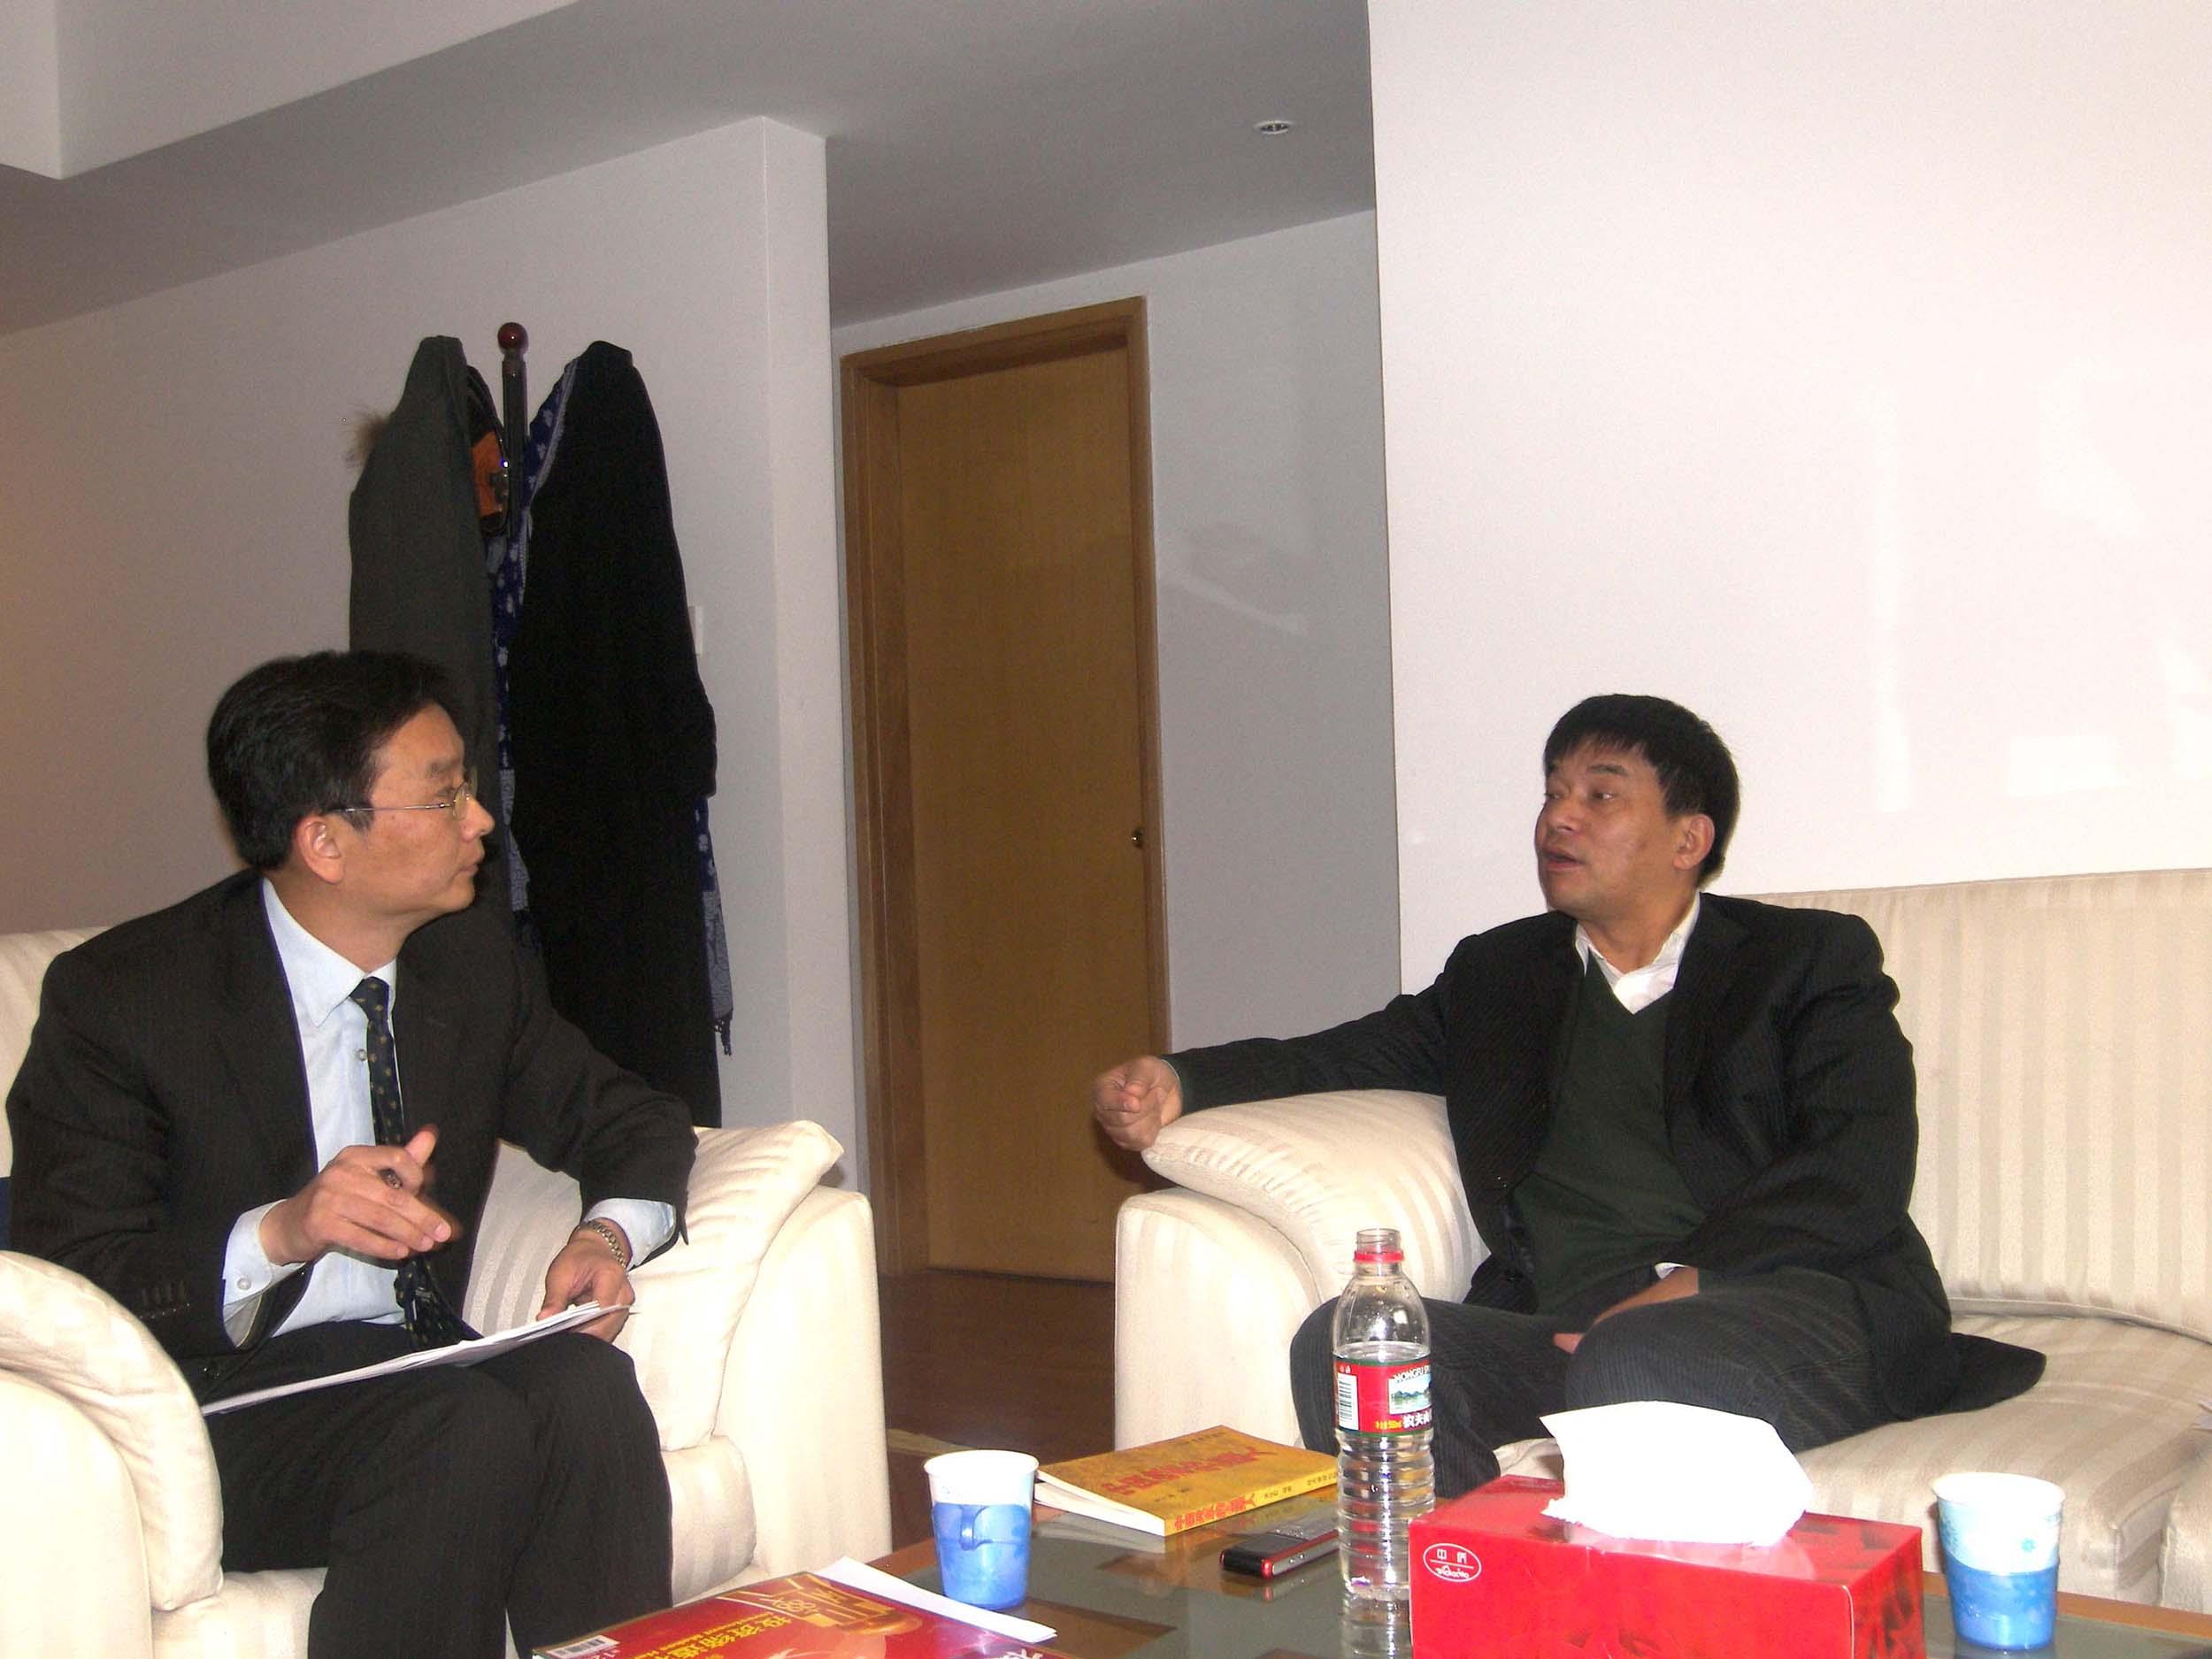 中国的农民应是最讲信用的 - 朱庄虹 - 朱庄虹的博客